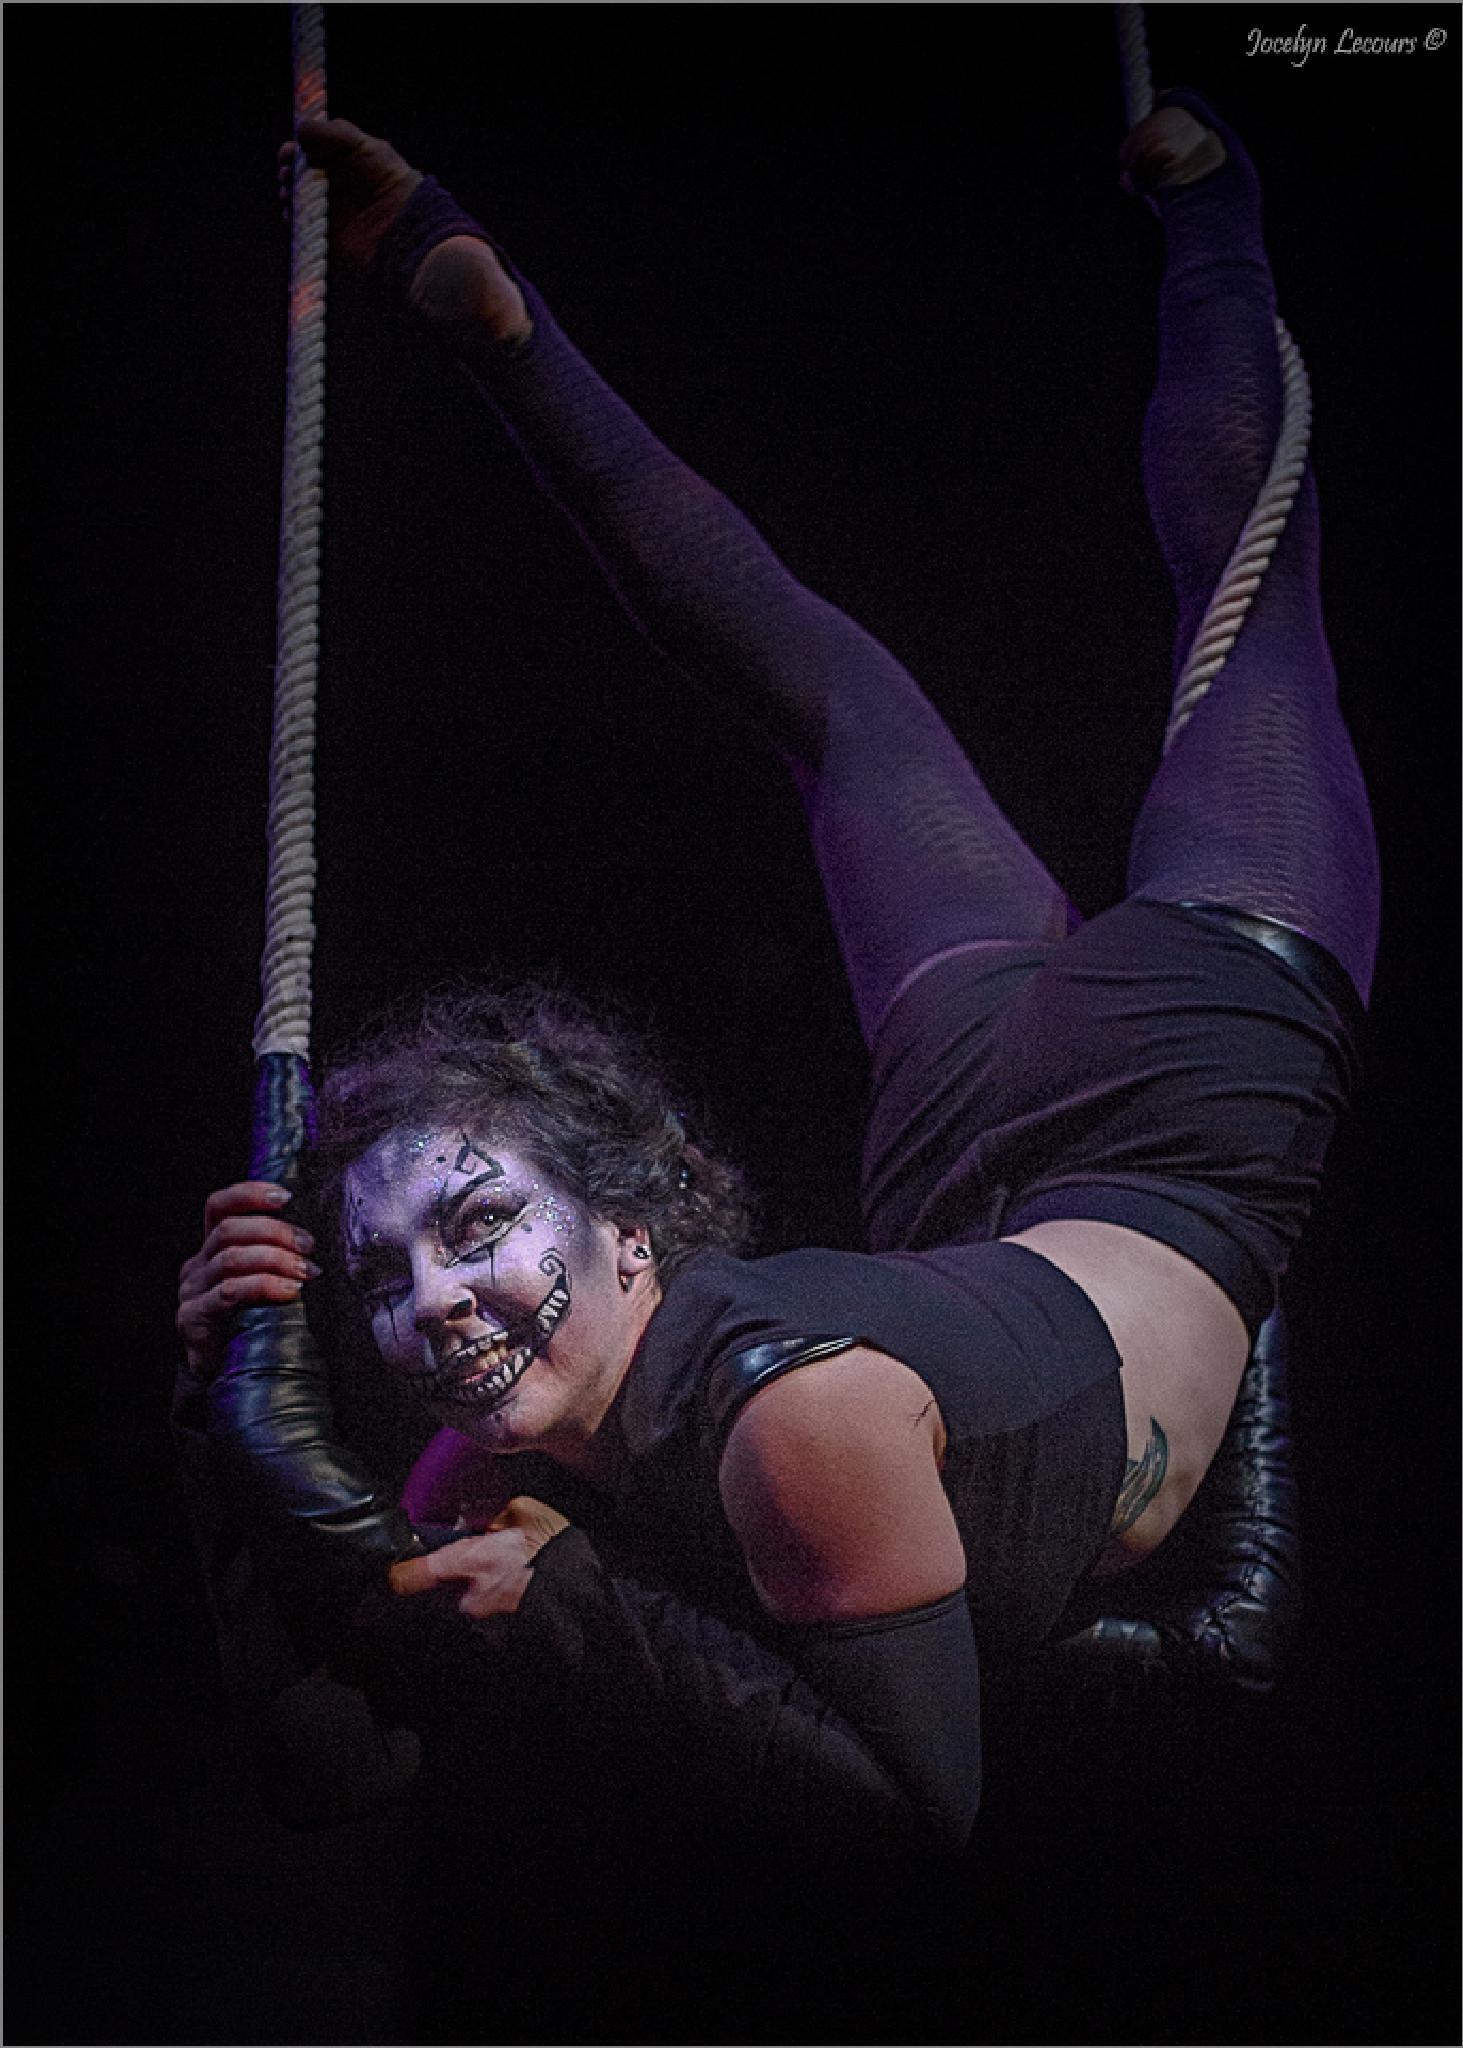 Cabaret Danse Macabre - Cirquantique by J|L Photography